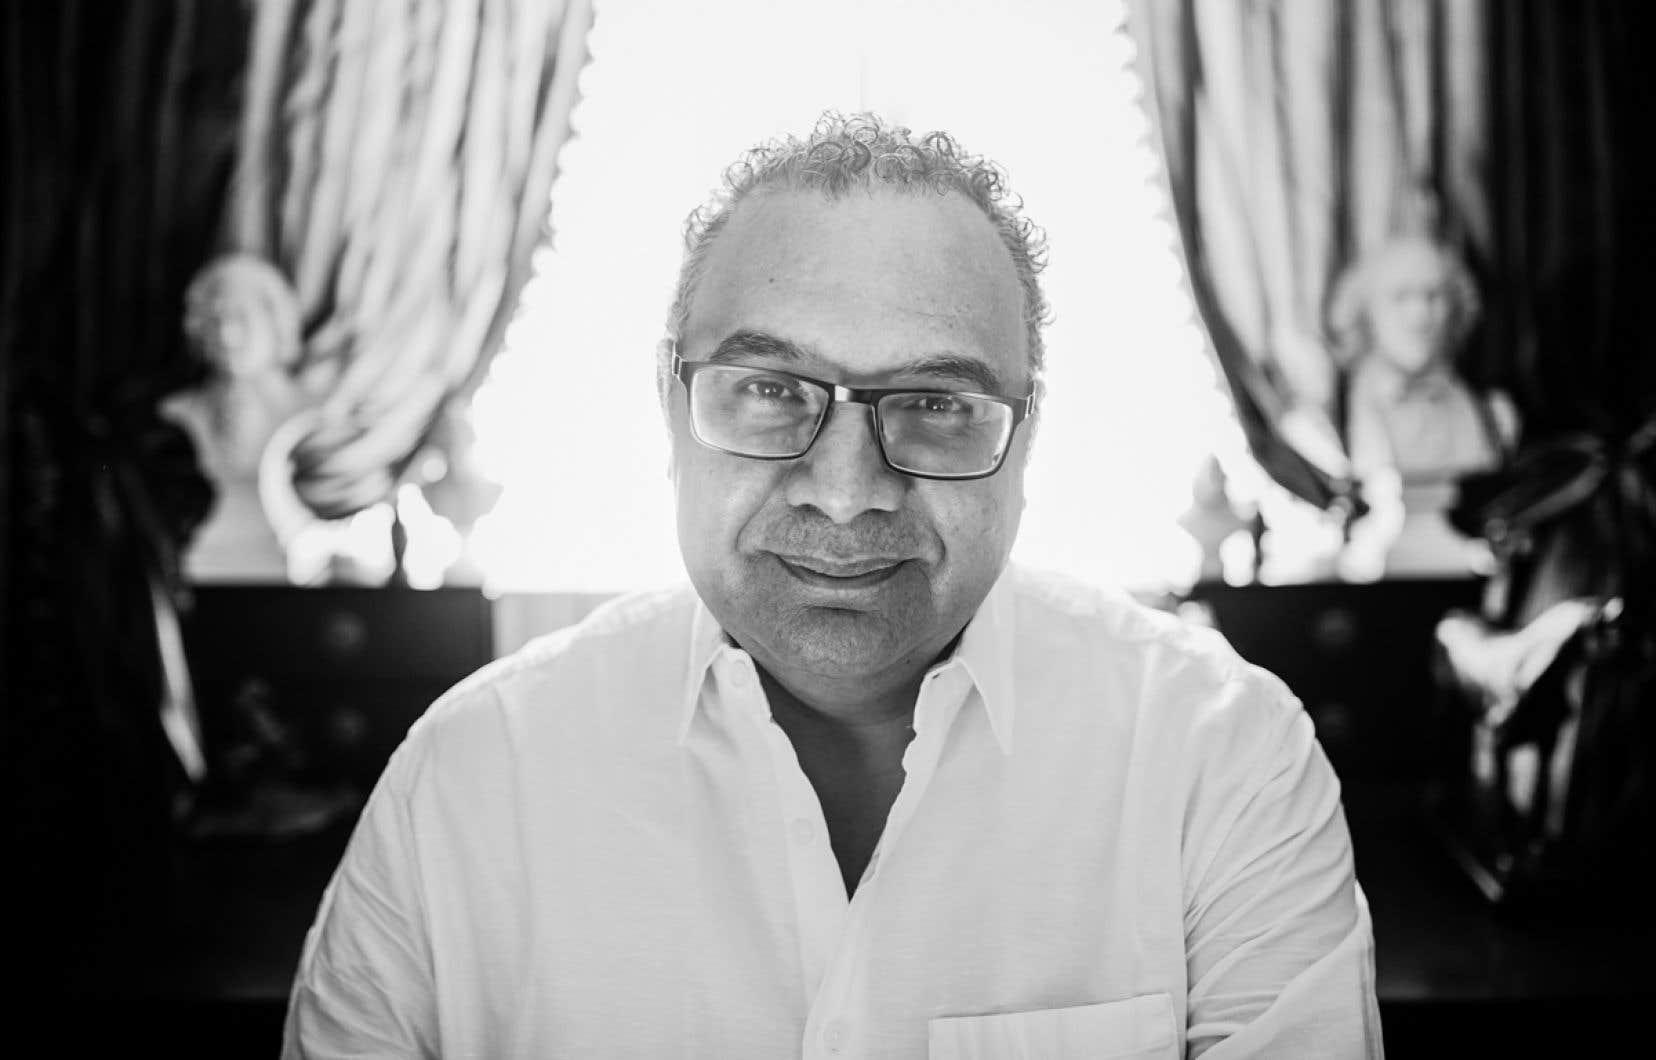 Le professeur de littérature anglaise à l'Université du Québec à Chicoutimi Mustapha Fahmi